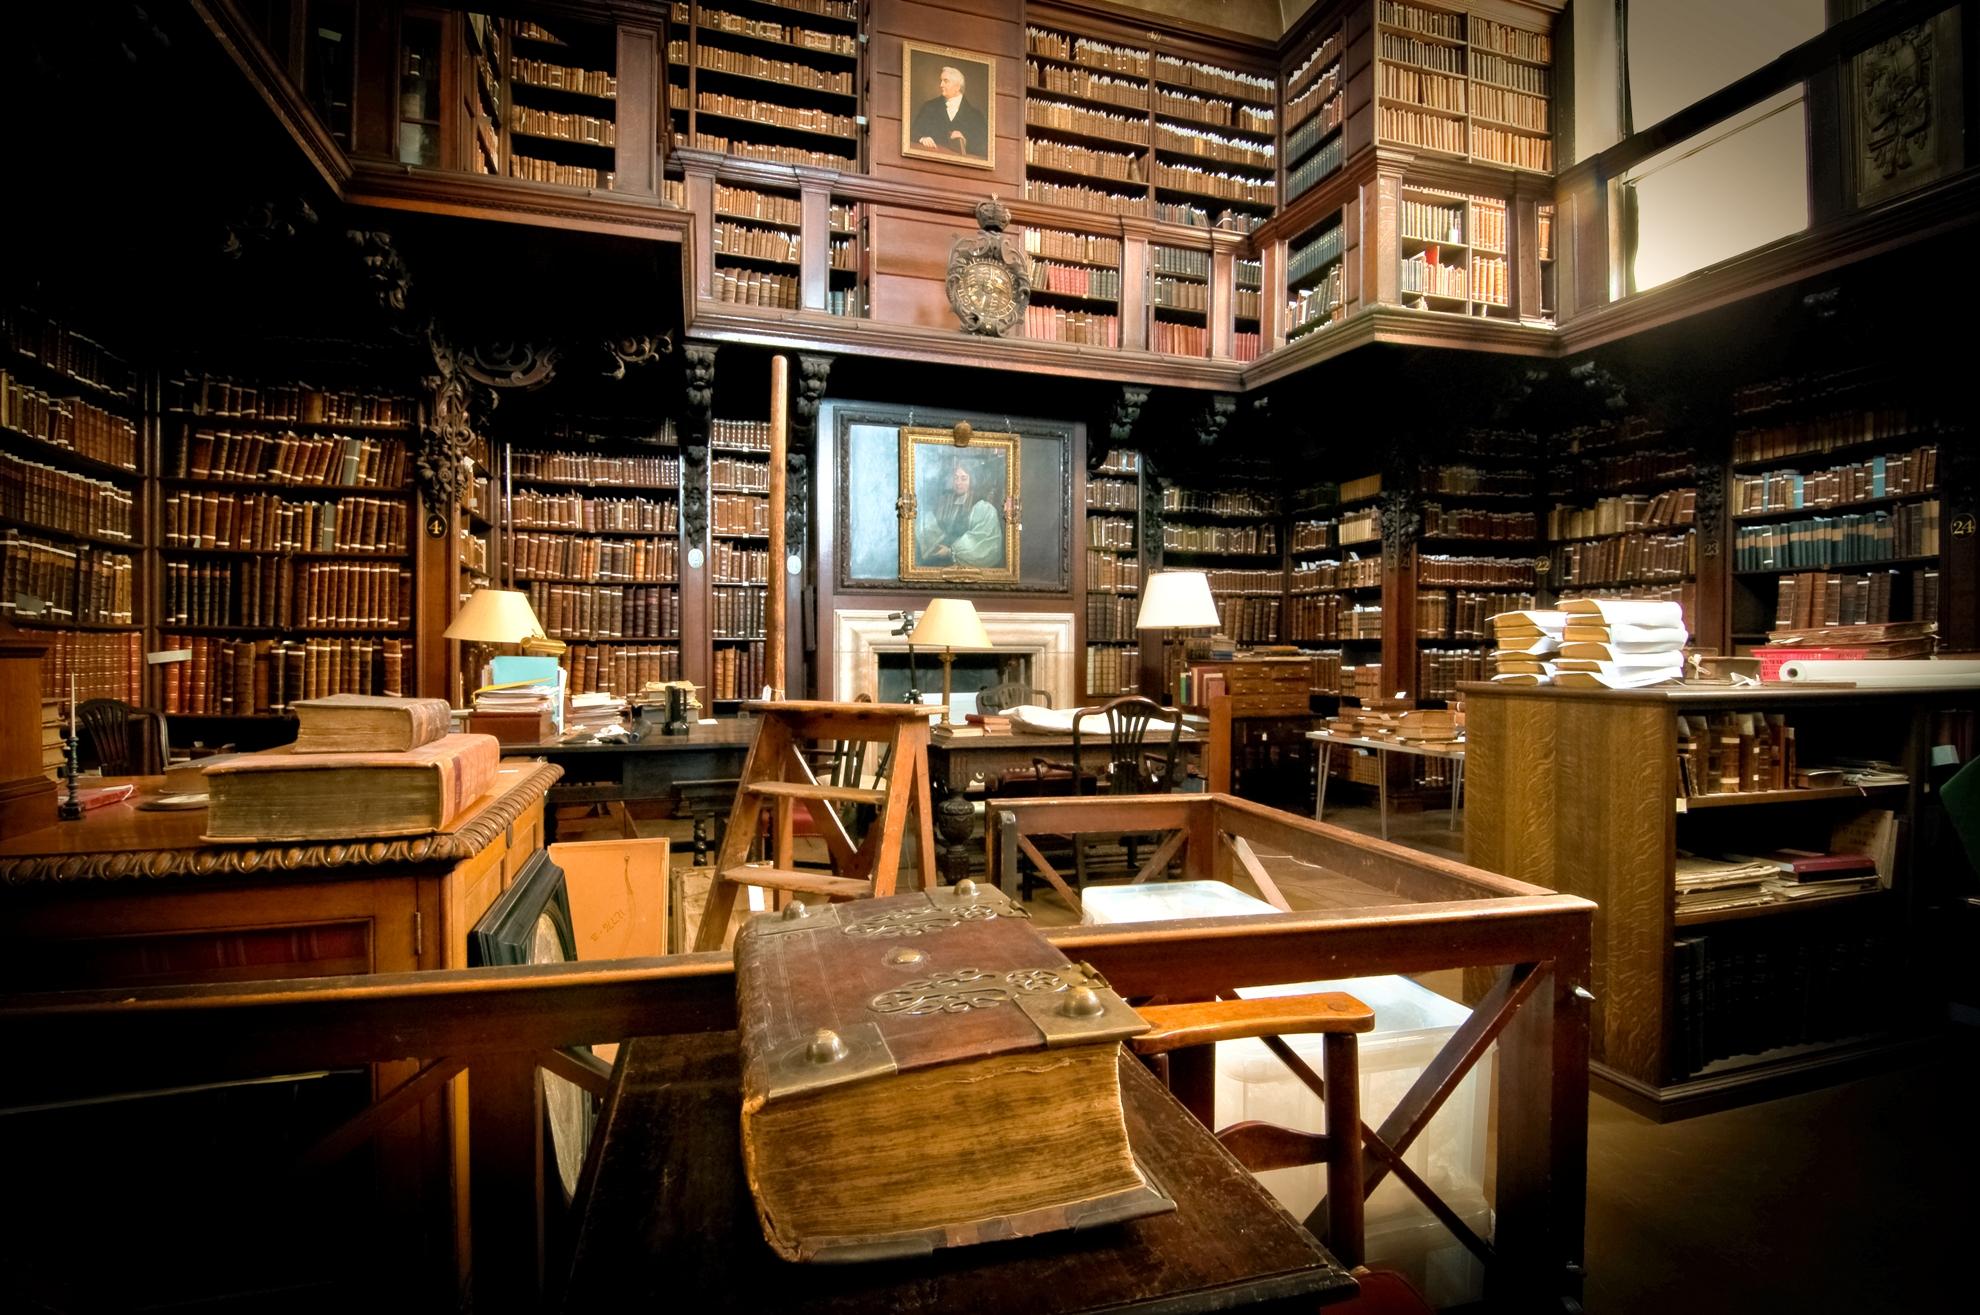 倫敦聖保羅大教堂主教參事會圖書館,建於18世紀